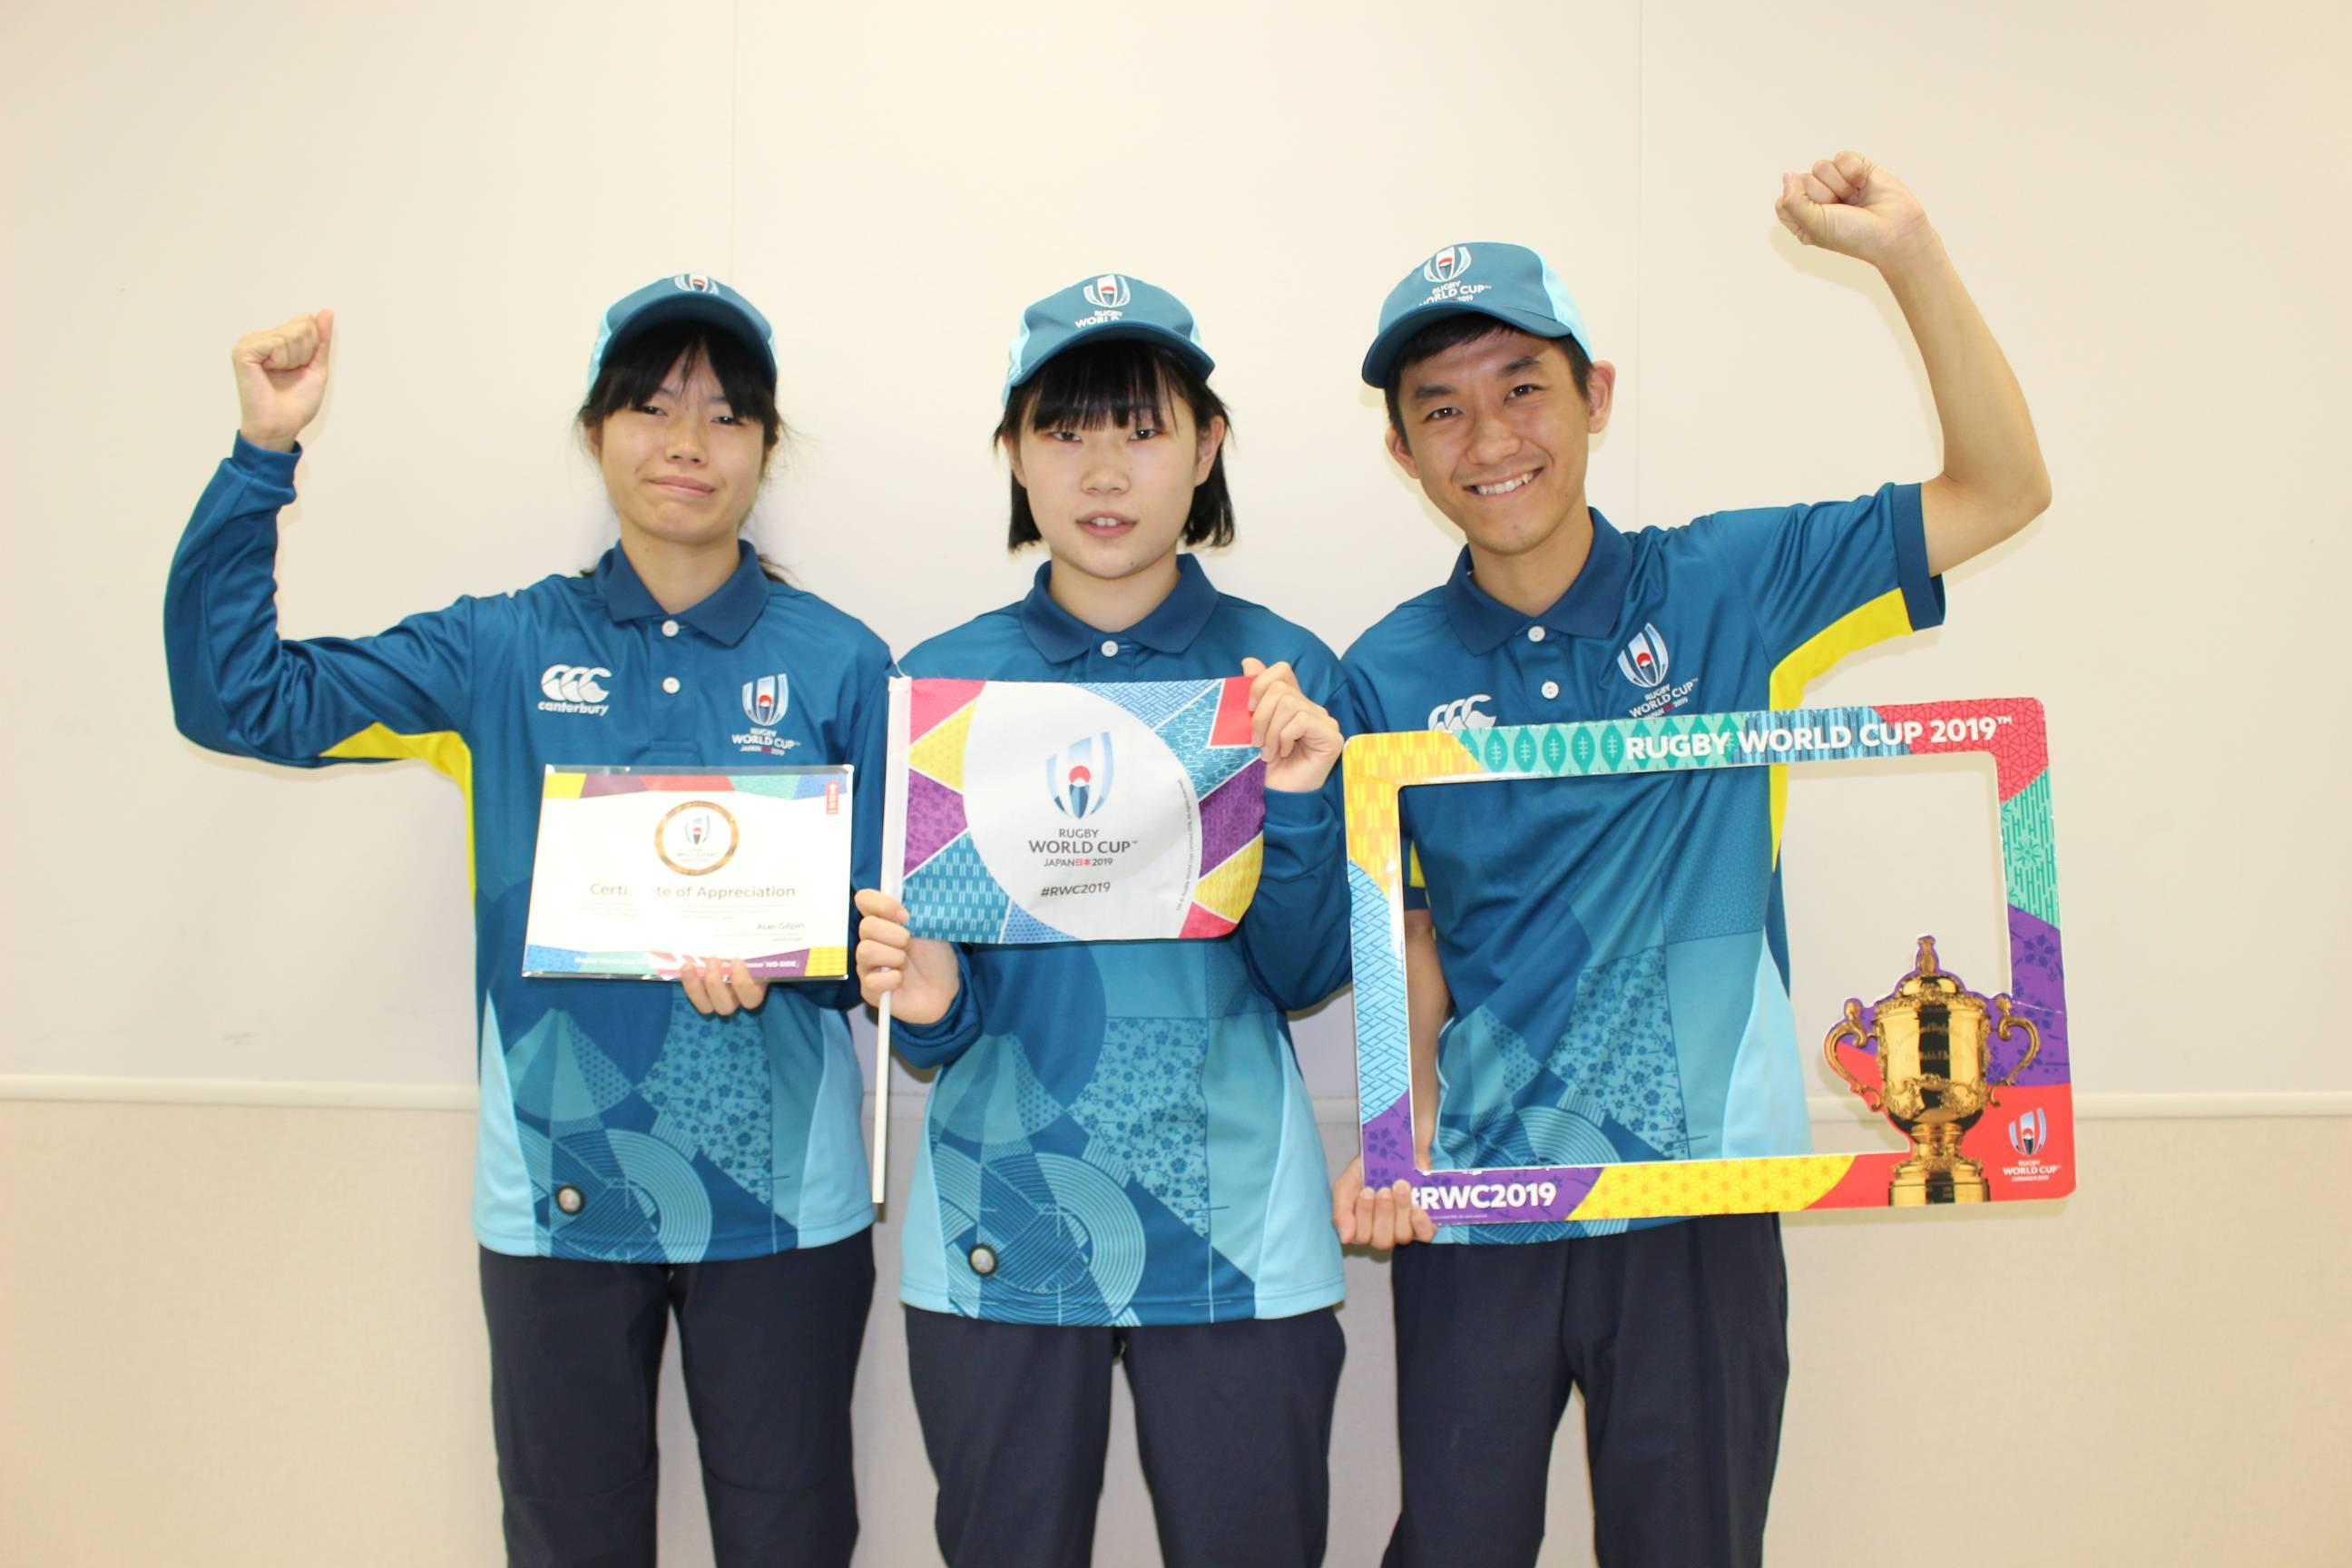 左から、ボランティアとして活躍した東美里さん、伊藤泉帆さん、伊藤修平さん